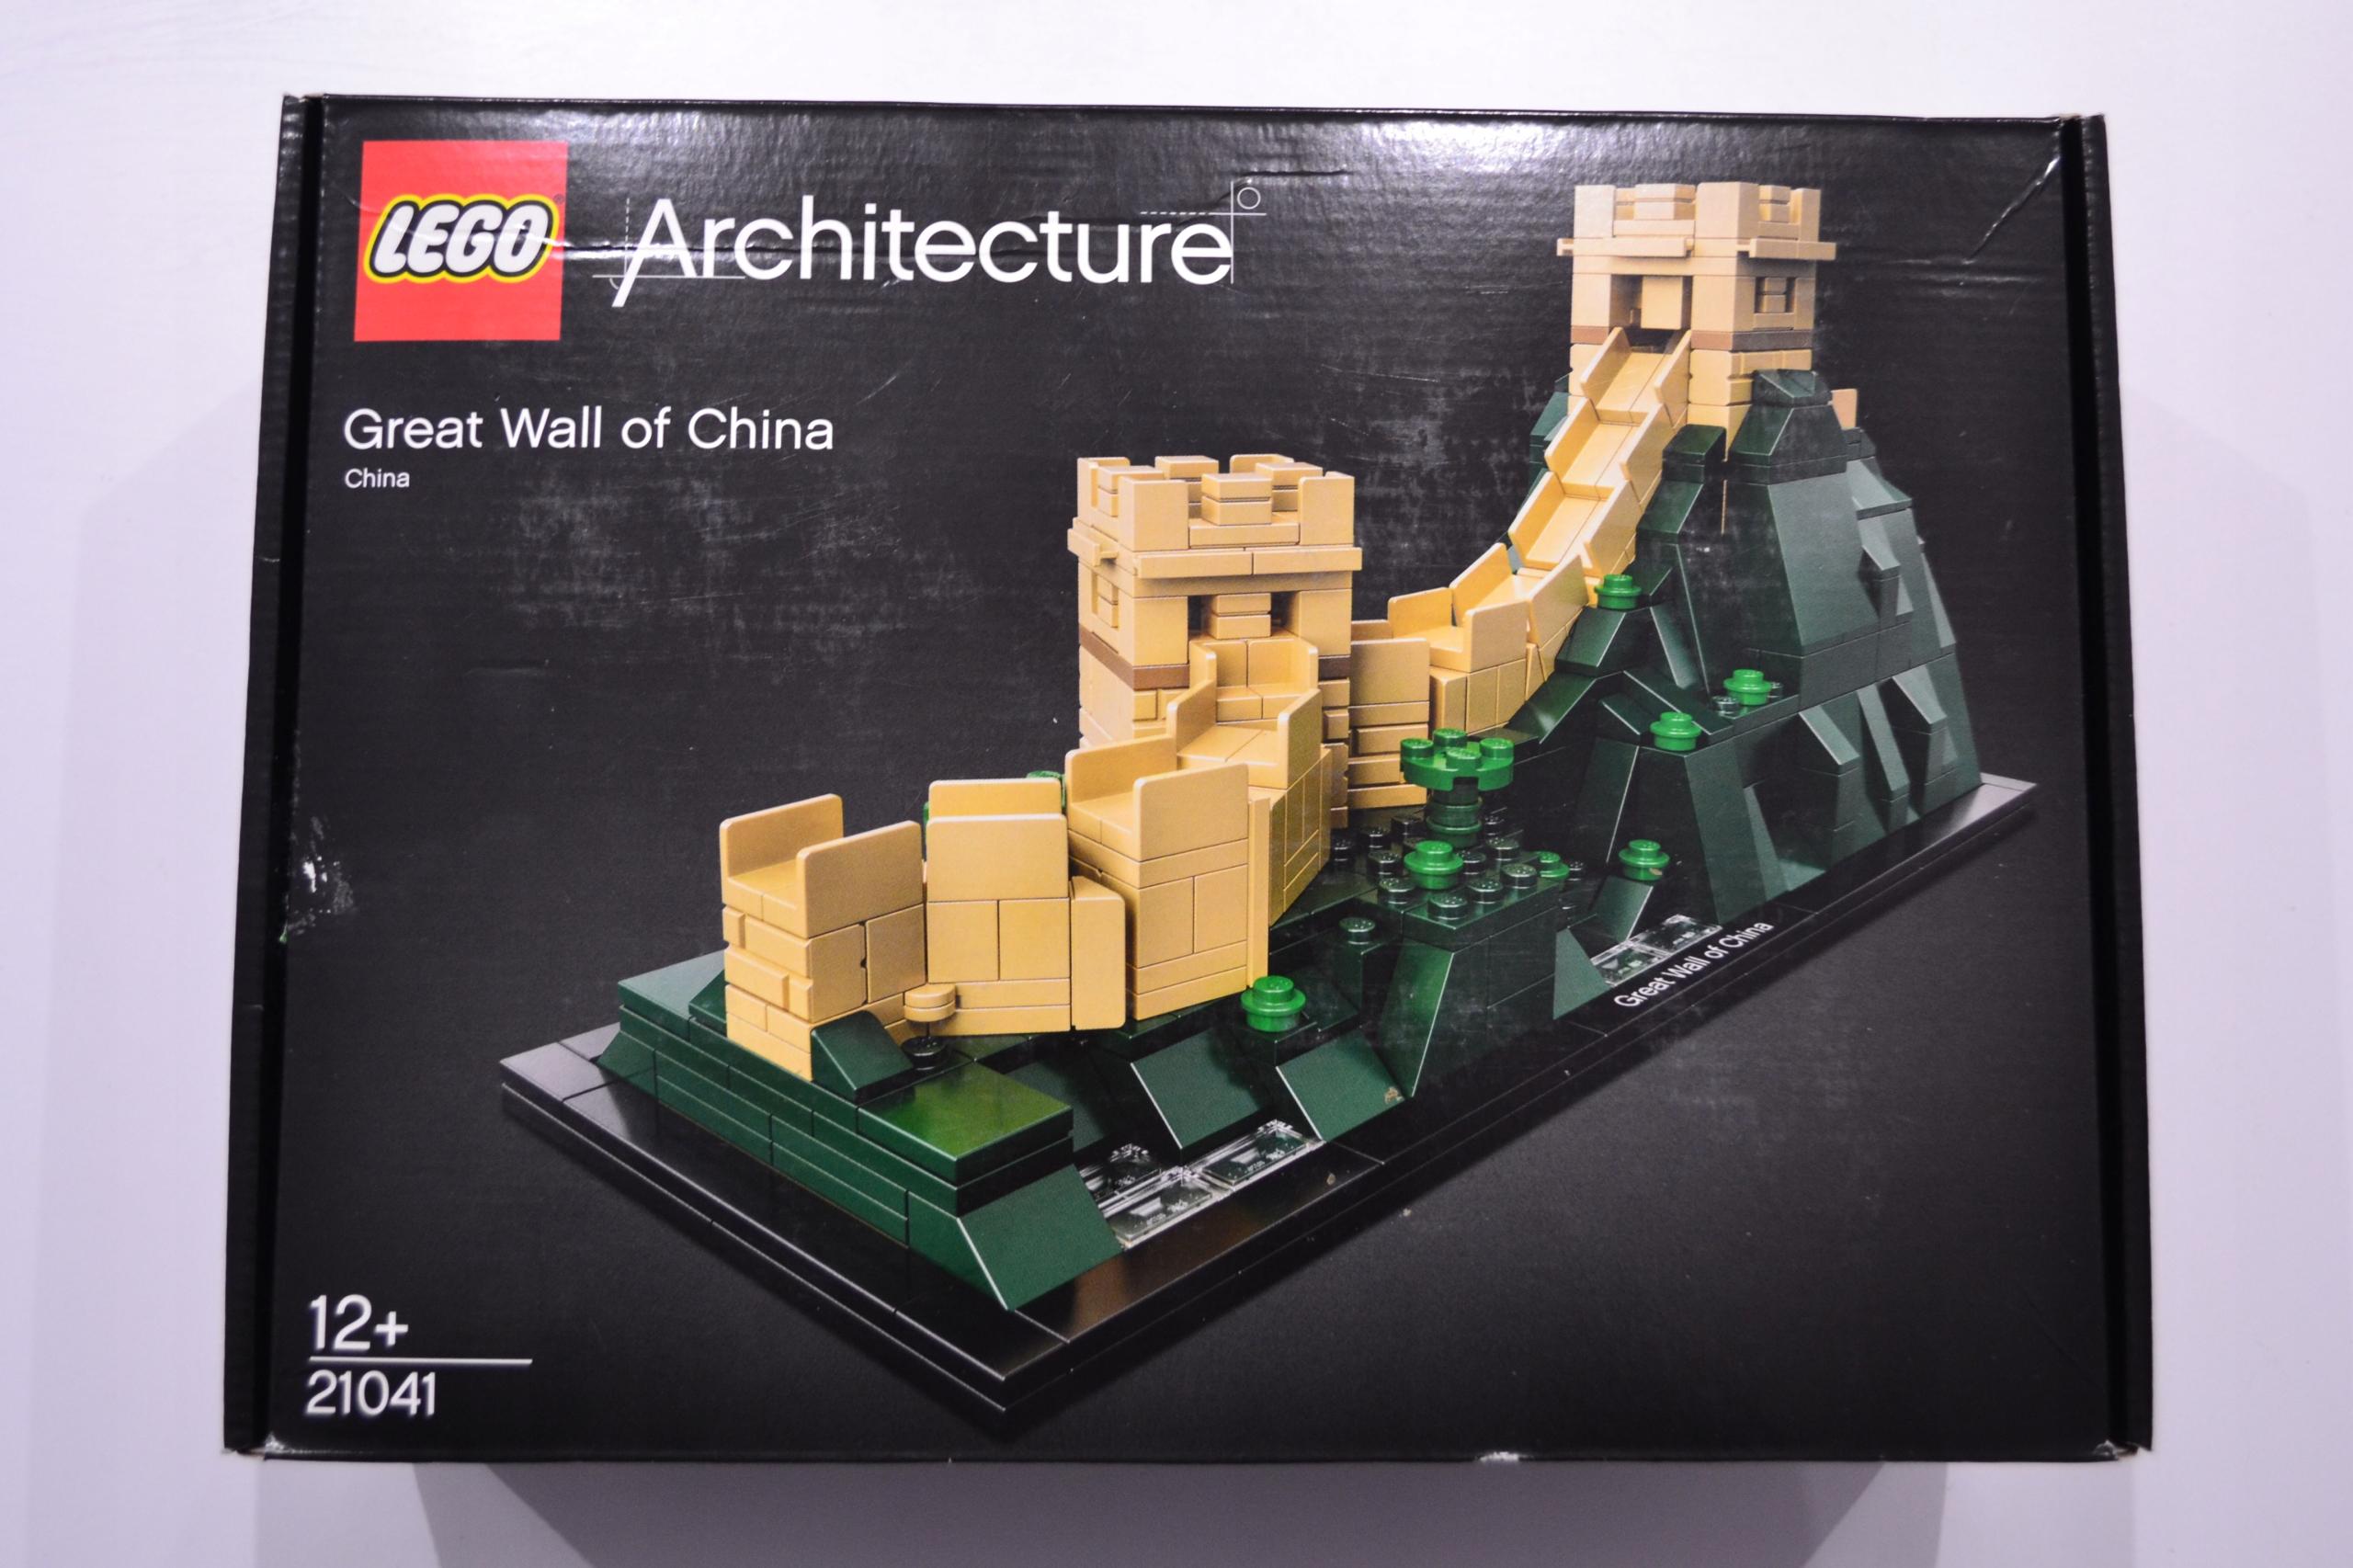 Nowośćlego Architecture Wielki Mur Chiński 21041 7594298082